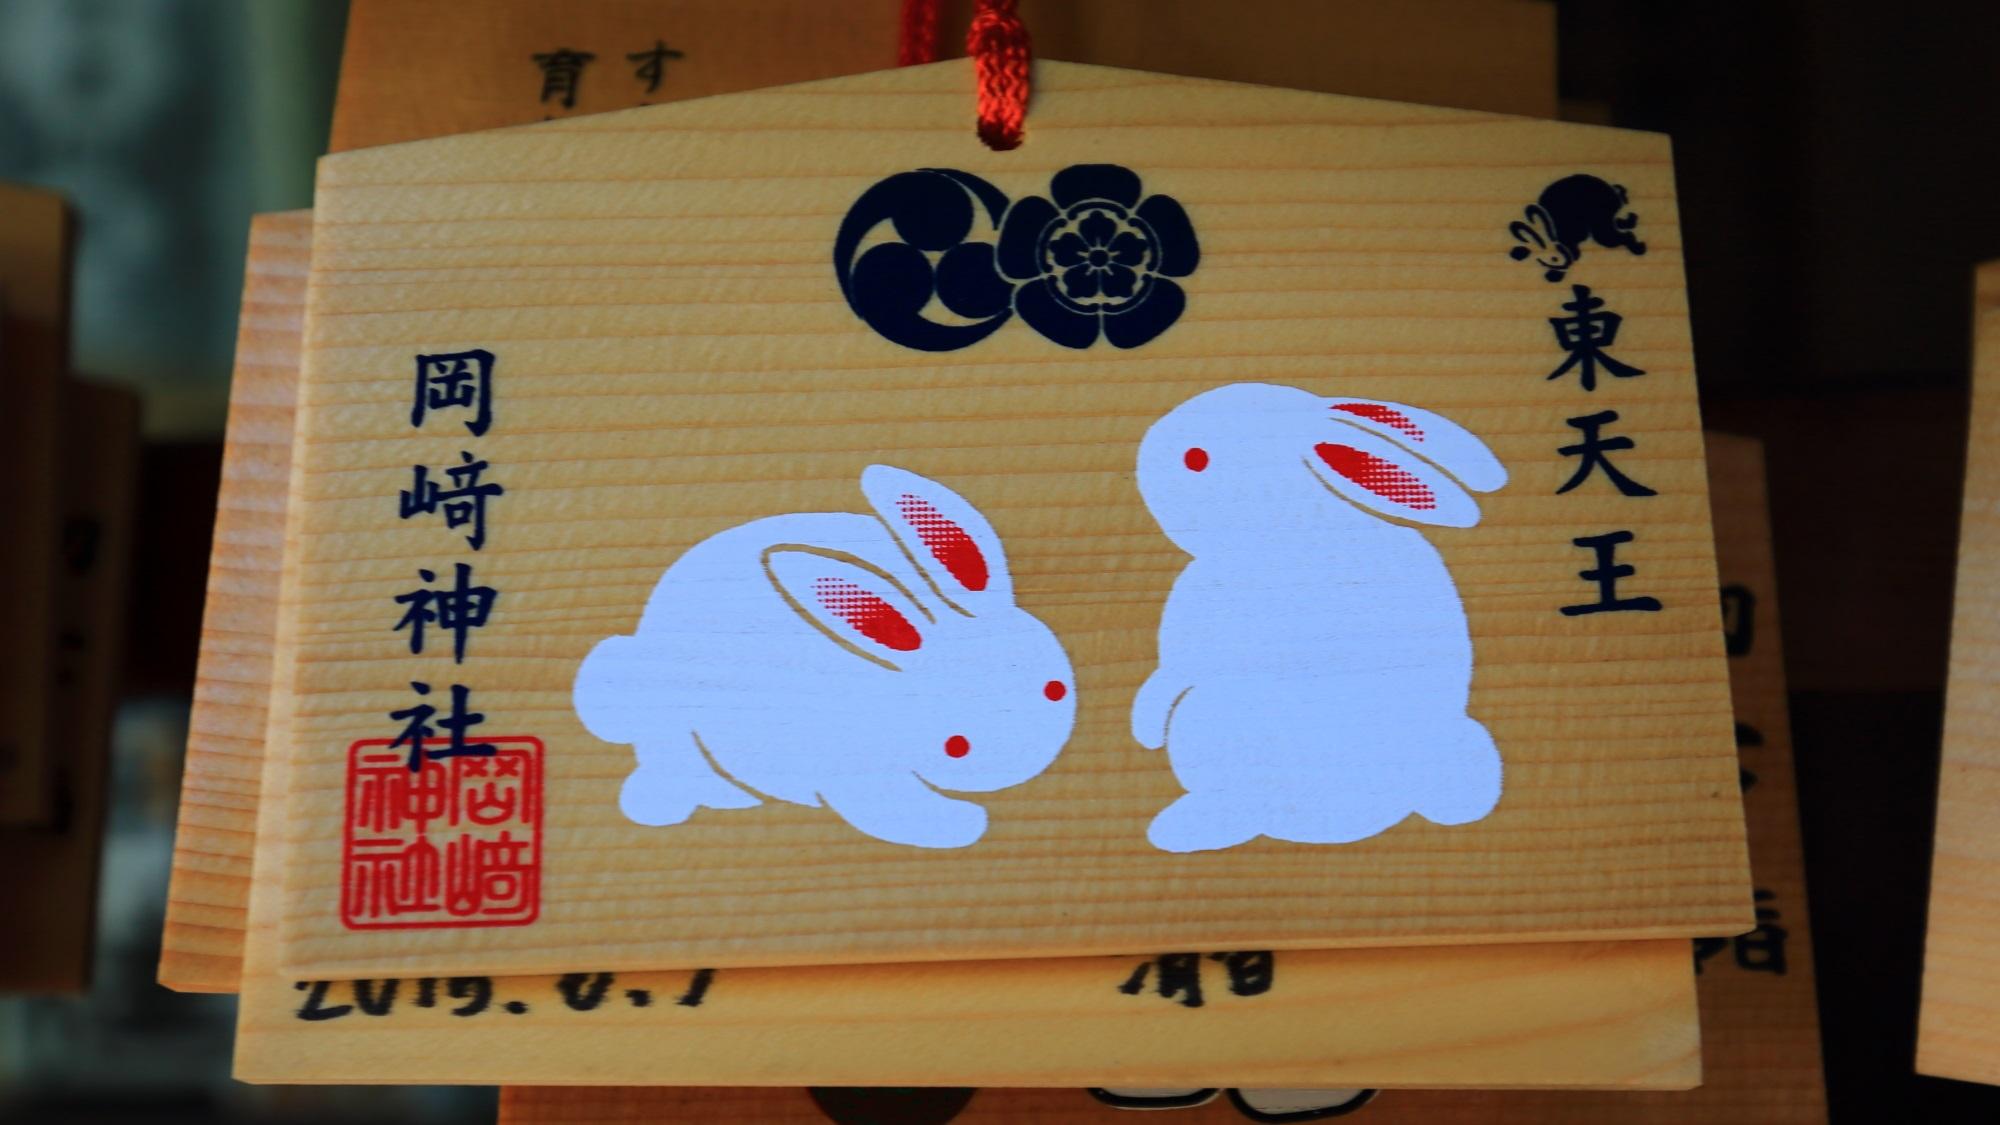 可愛いうさぎが描かれた岡崎神社の絵馬